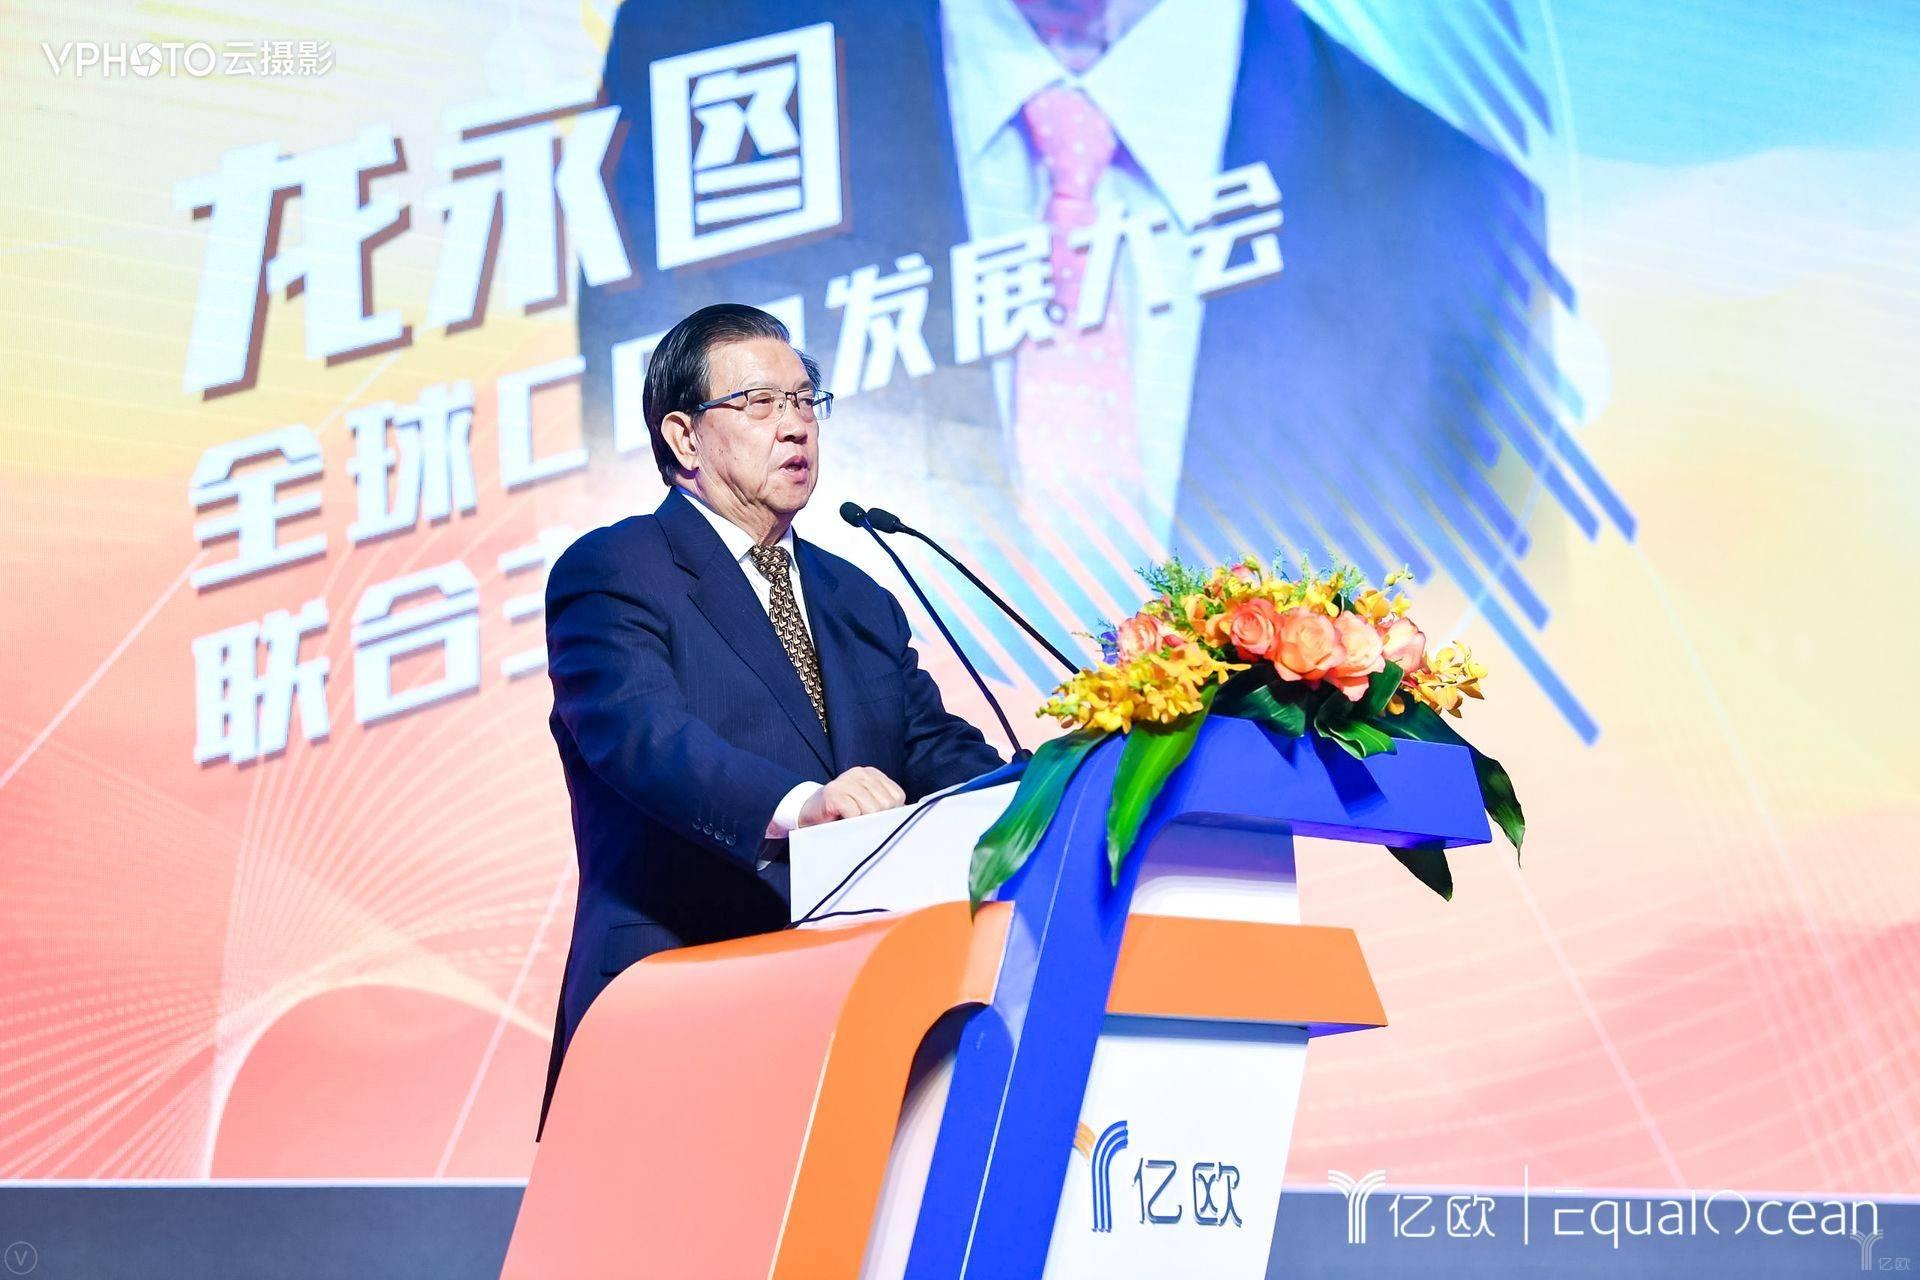 全球CEO发展大会龙永图:经济全球化浪潮和趋势不会改变丨创新者年会